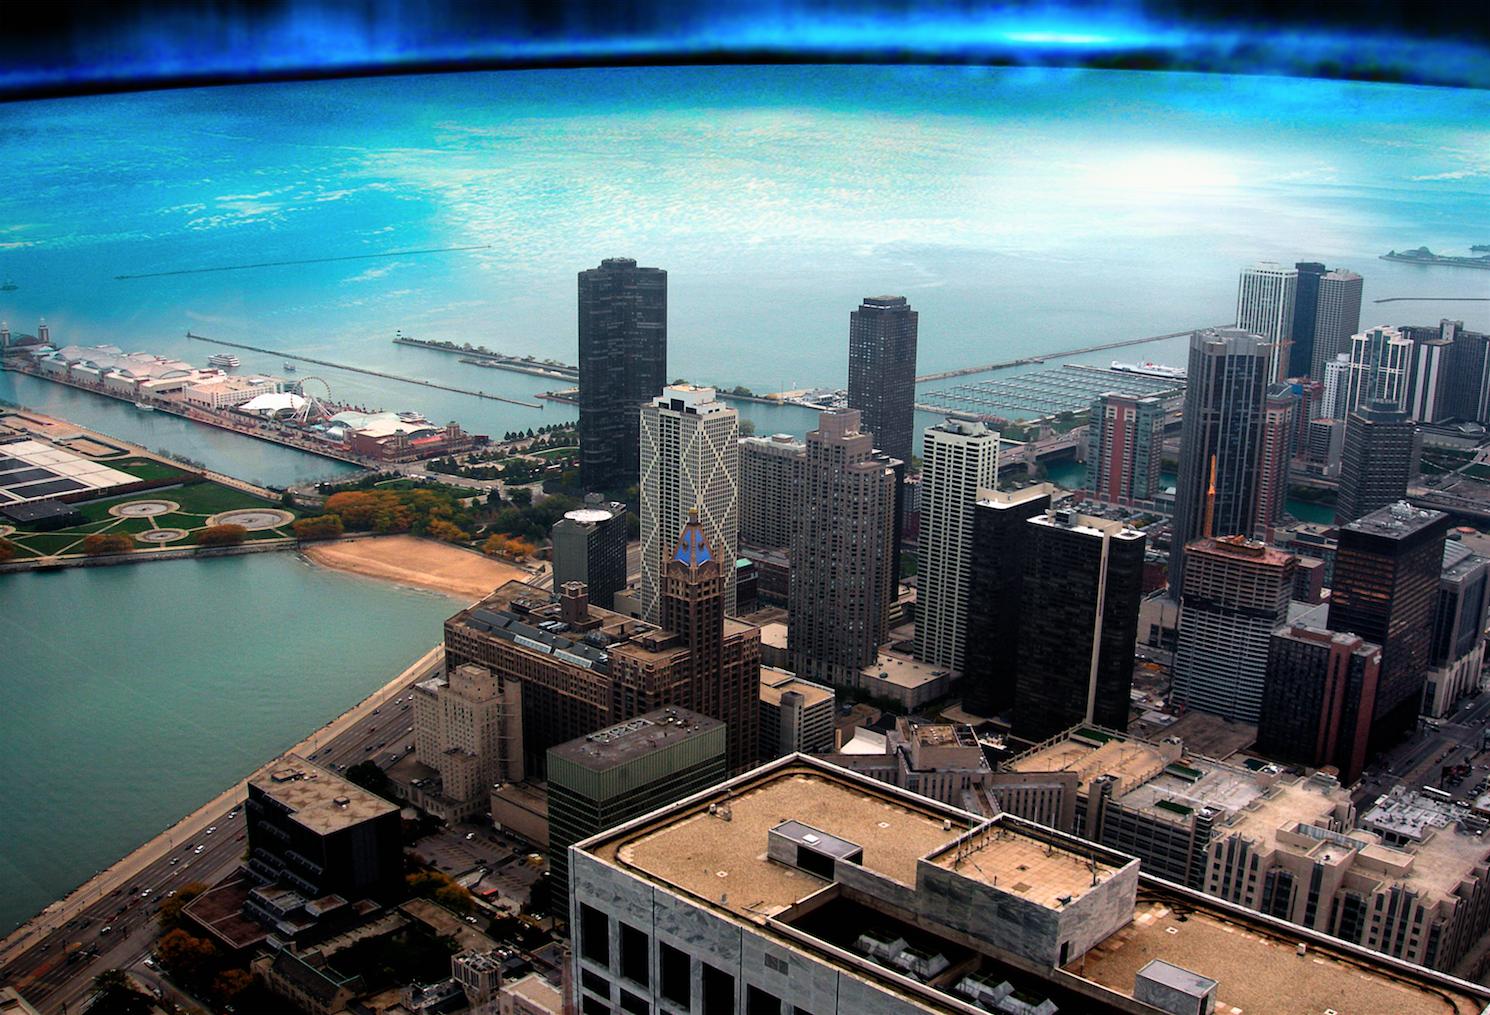 CHICAGO AURORA